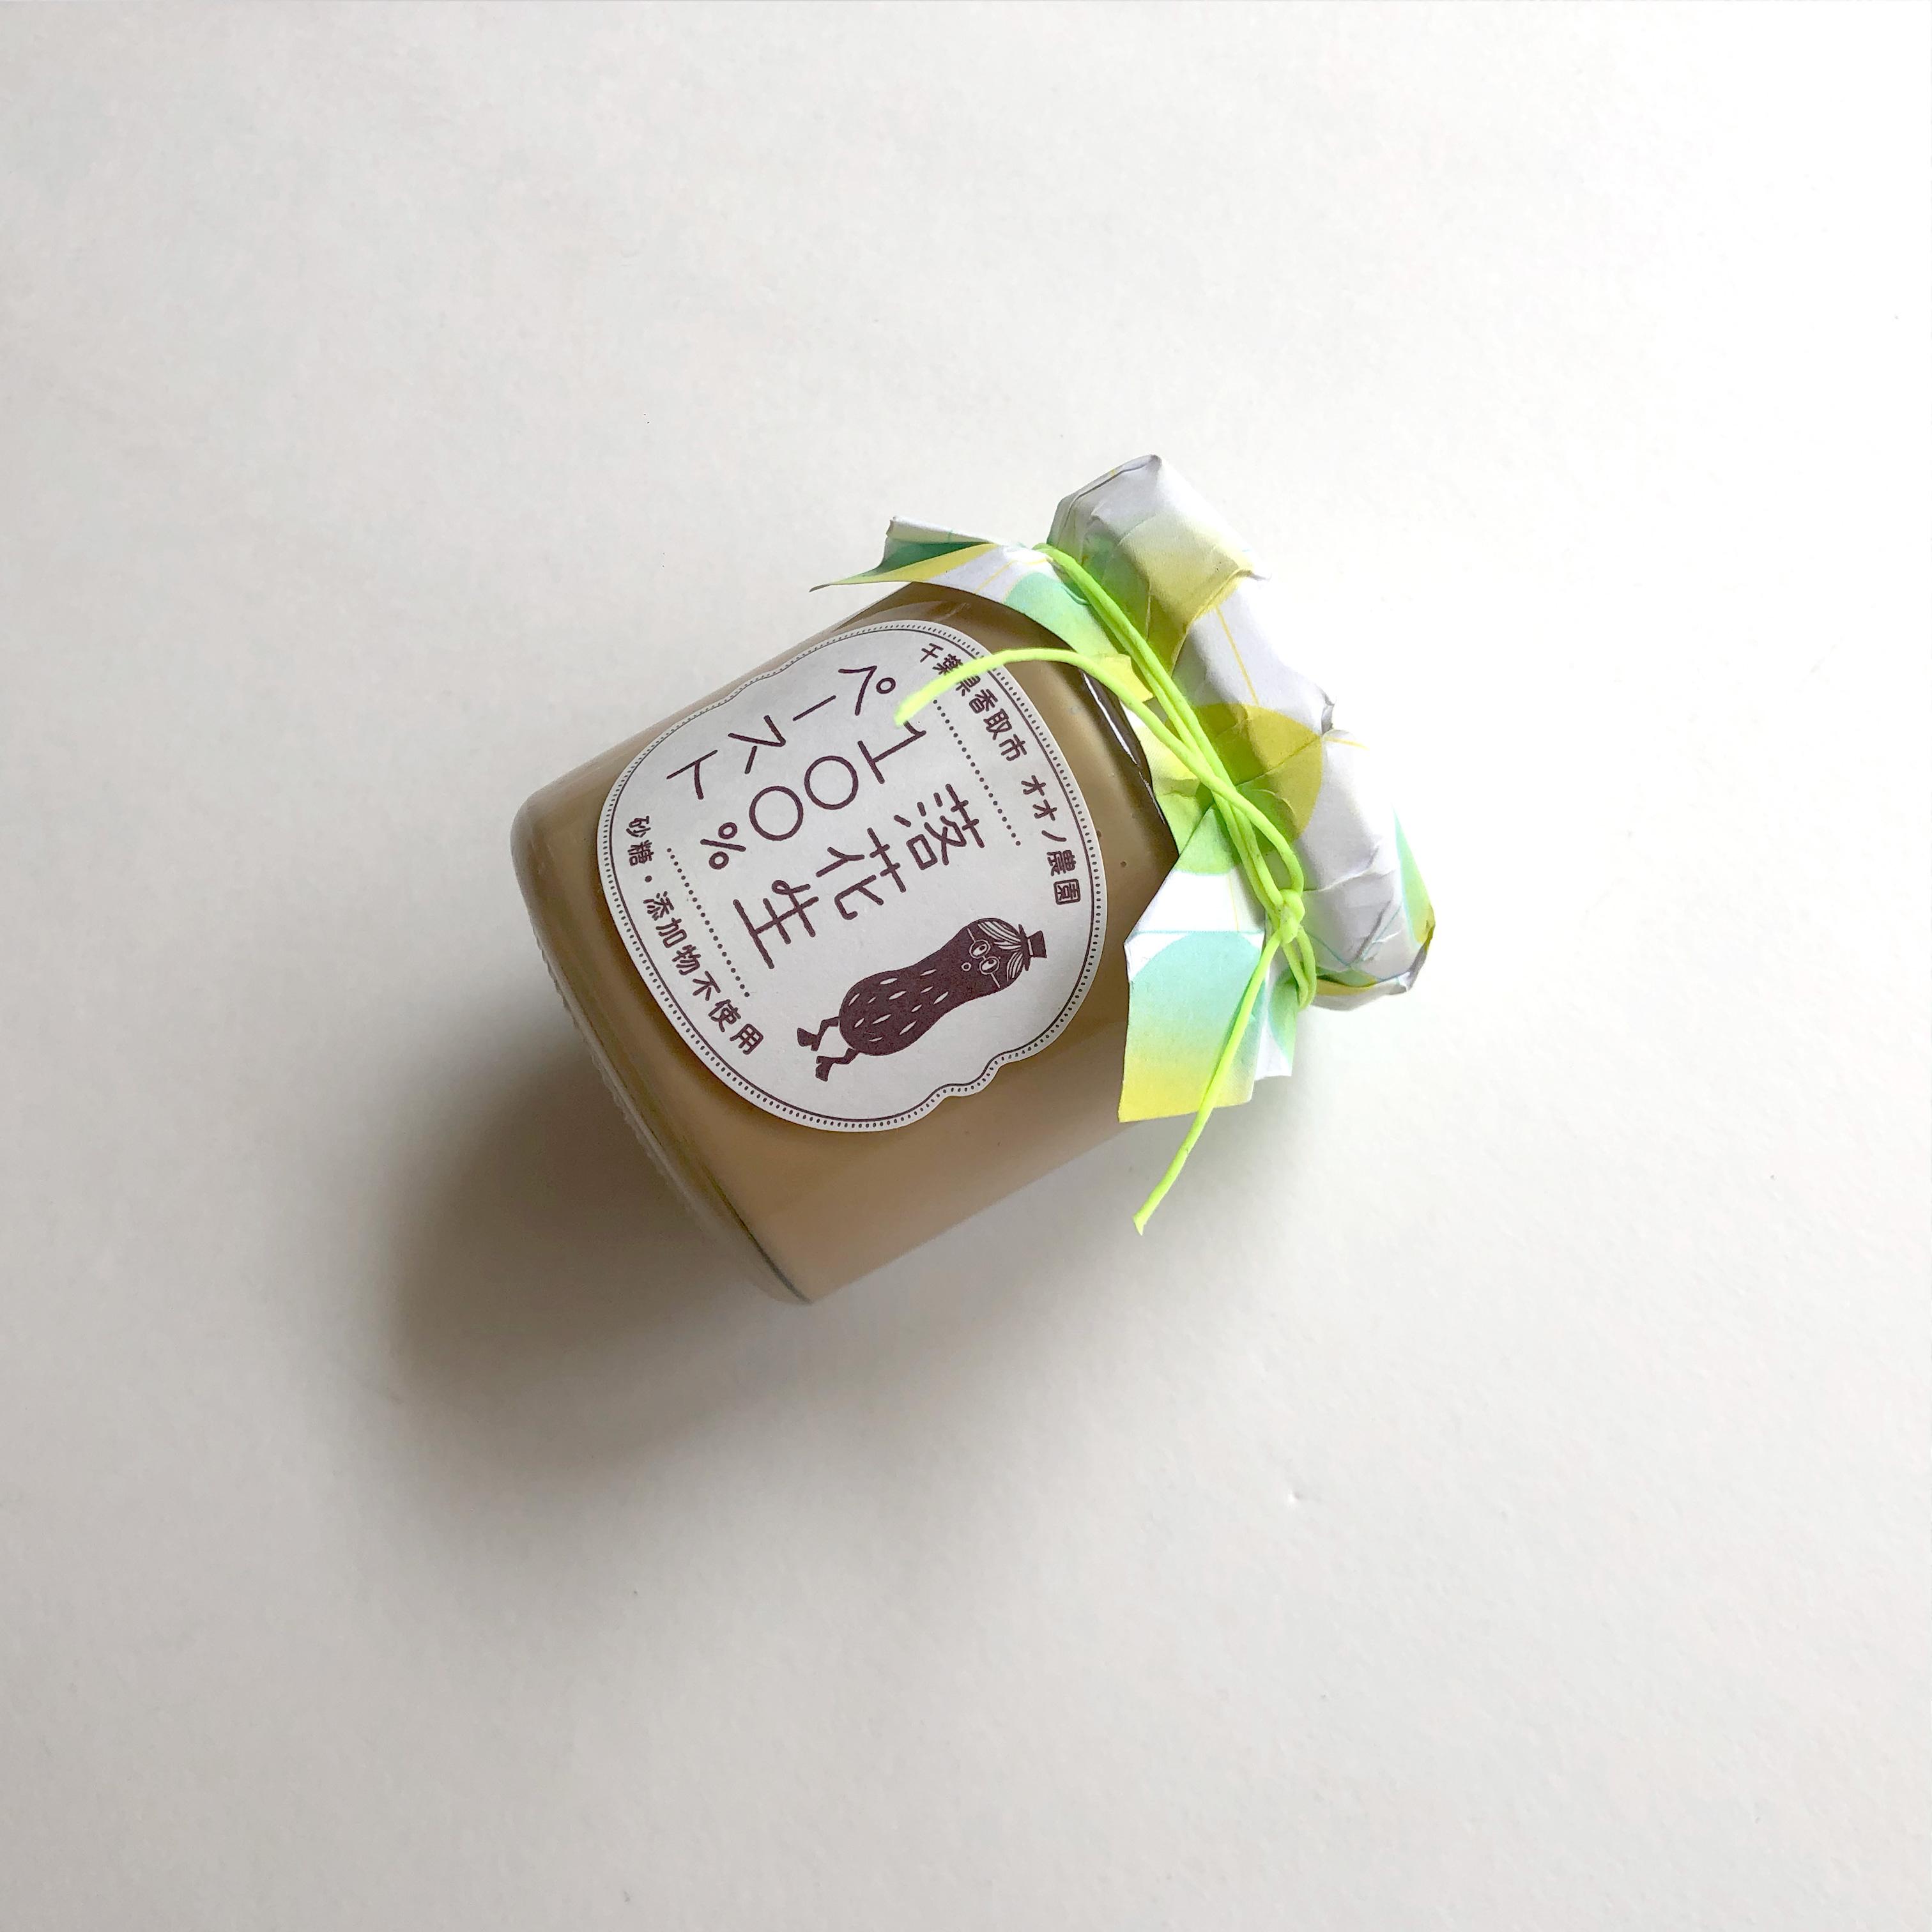 【MAMESUKIで包む小さなお気に入り】オオノ農園の落花生100%ペースト